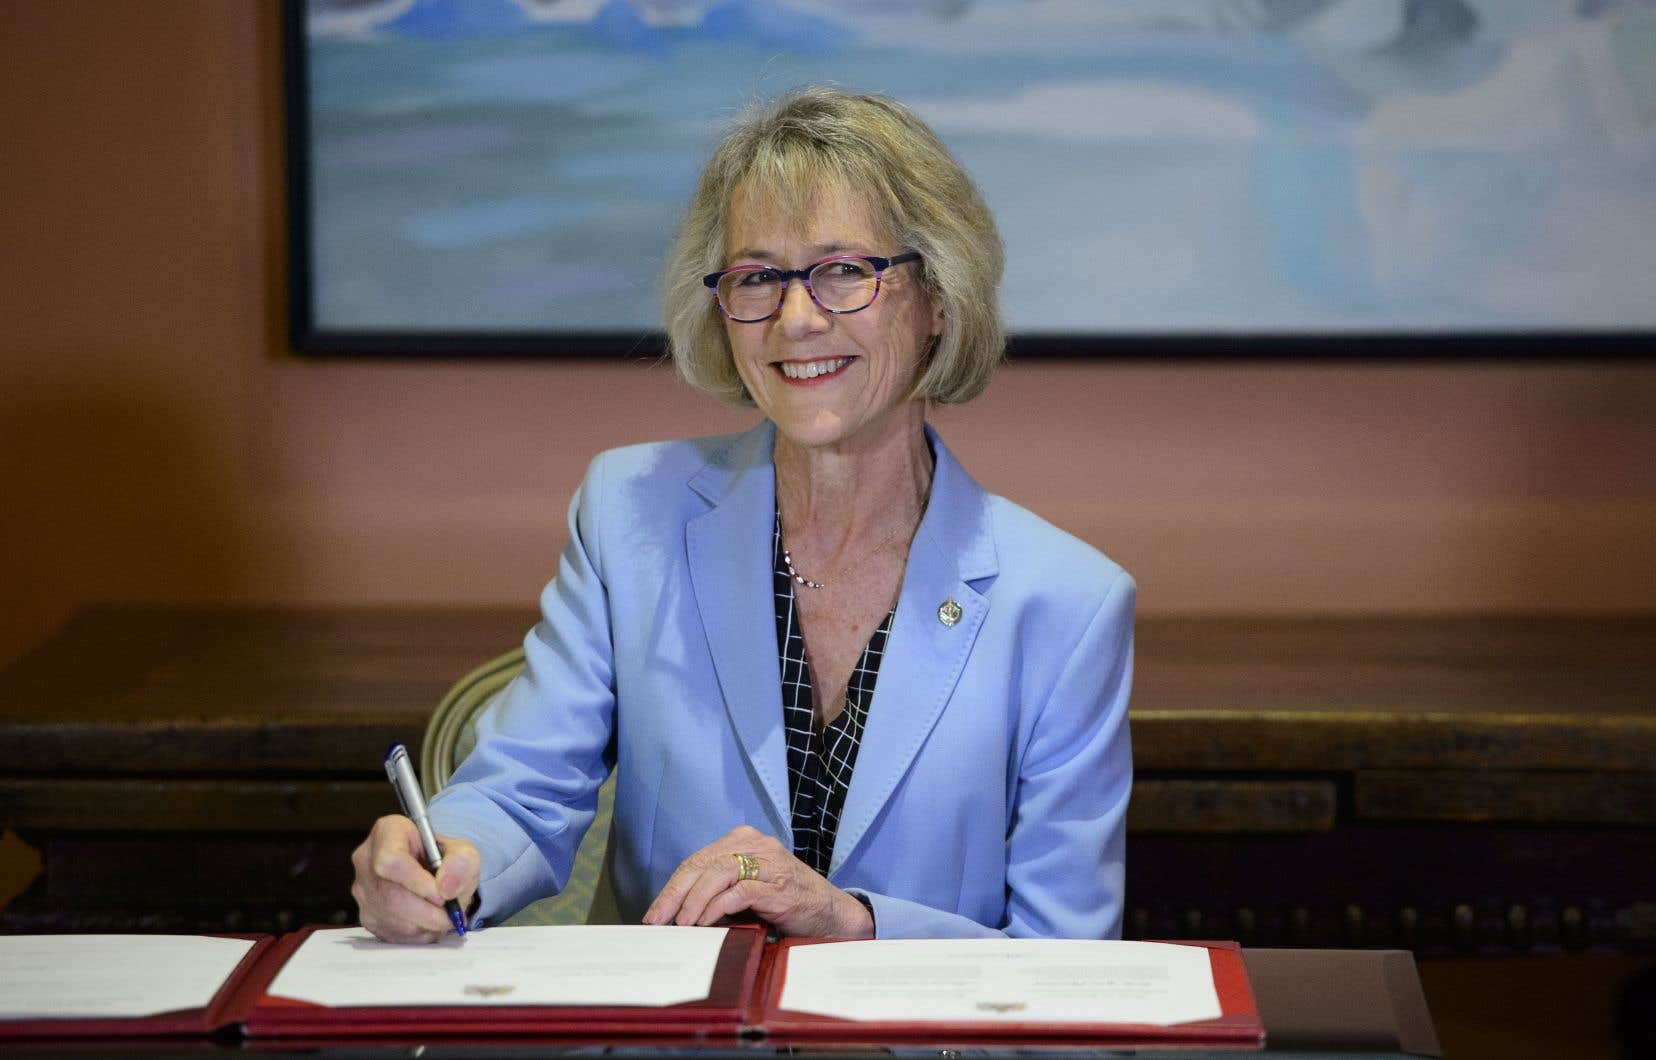 La décision de promouvoir Joyce Murray a été prise après que la députée ontarienne Jane Philpott eut quitté le gouvernement à la suite de la controverse liée à SNC-Lavalin.